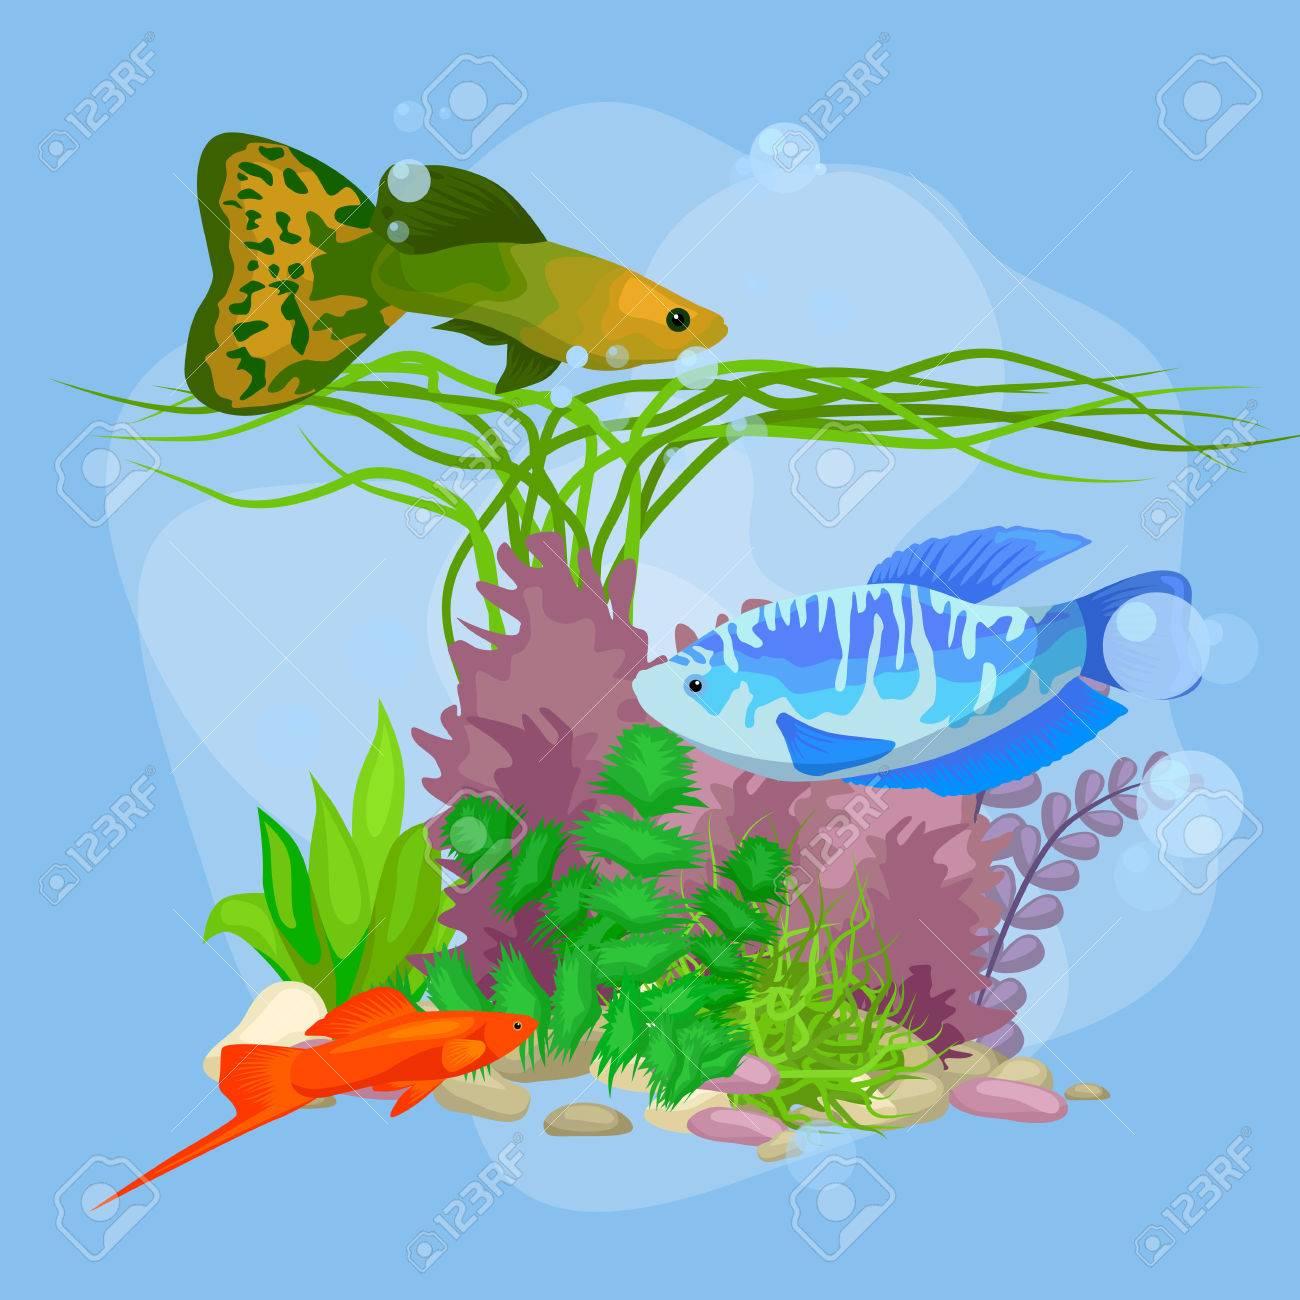 魚海藻泡イラストと水中ベクトル世界背景のイラスト素材ベクタ